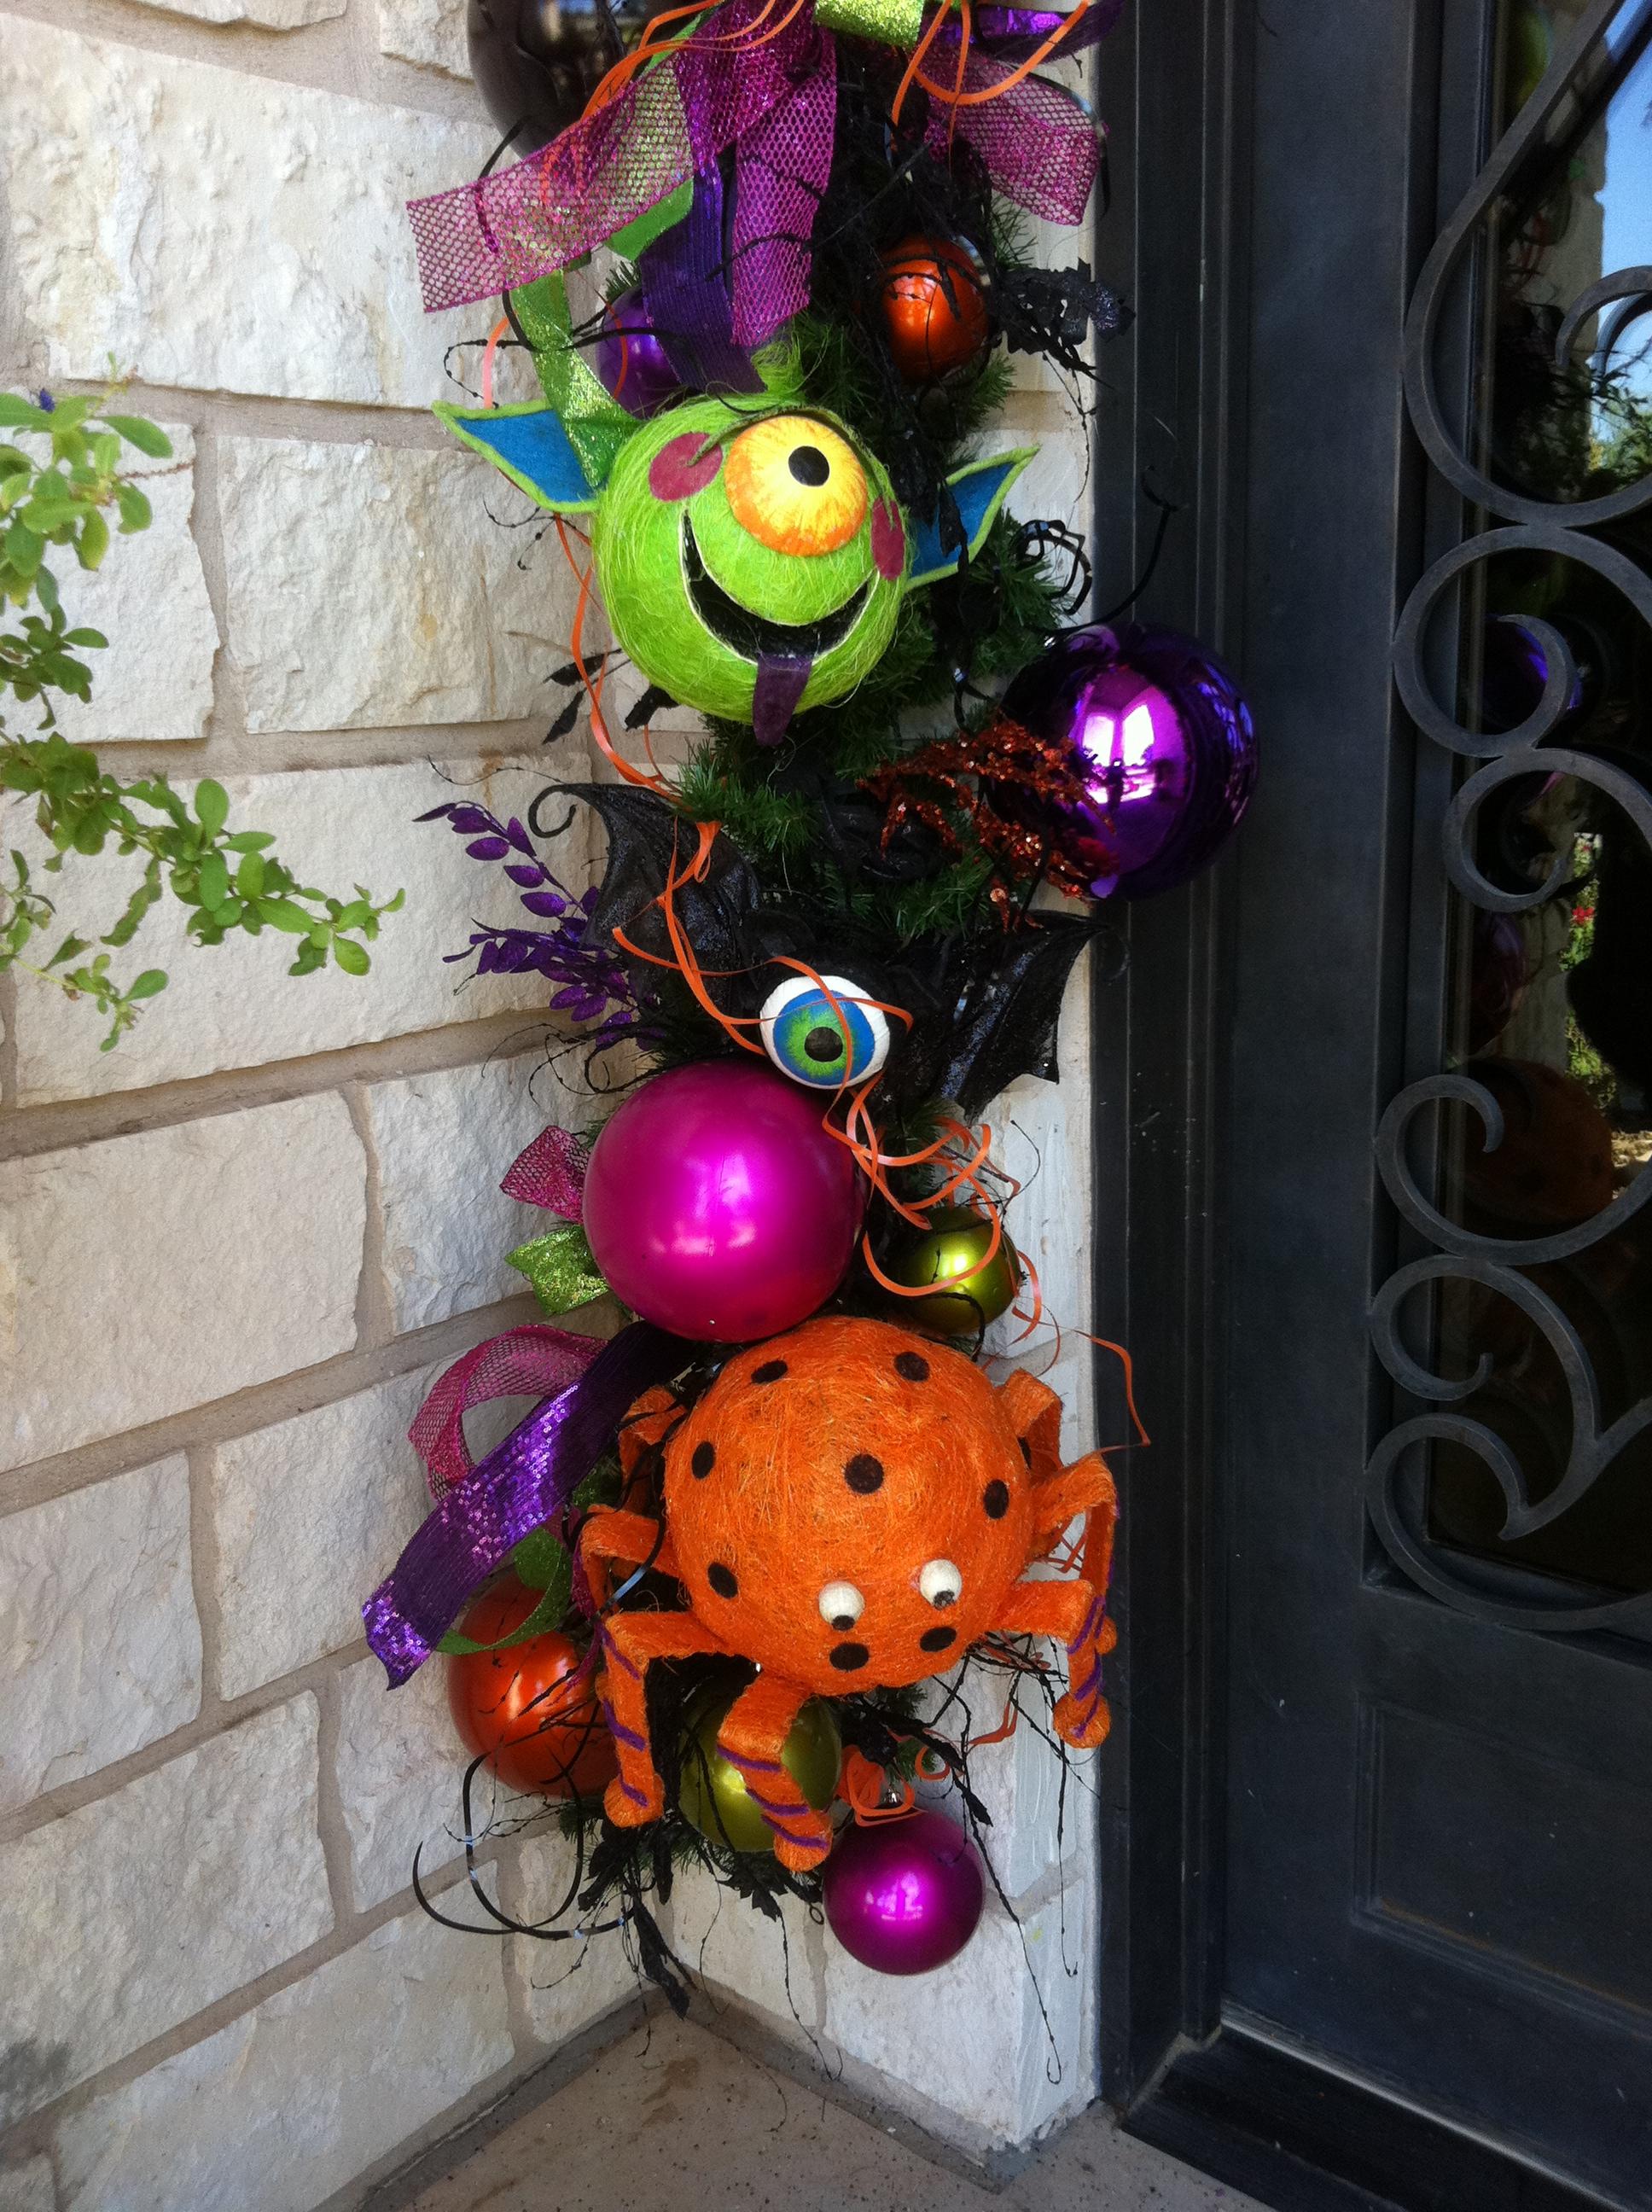 Halloween decorations on Pinterest Halloween Wreaths - Show Me Halloween Decorations